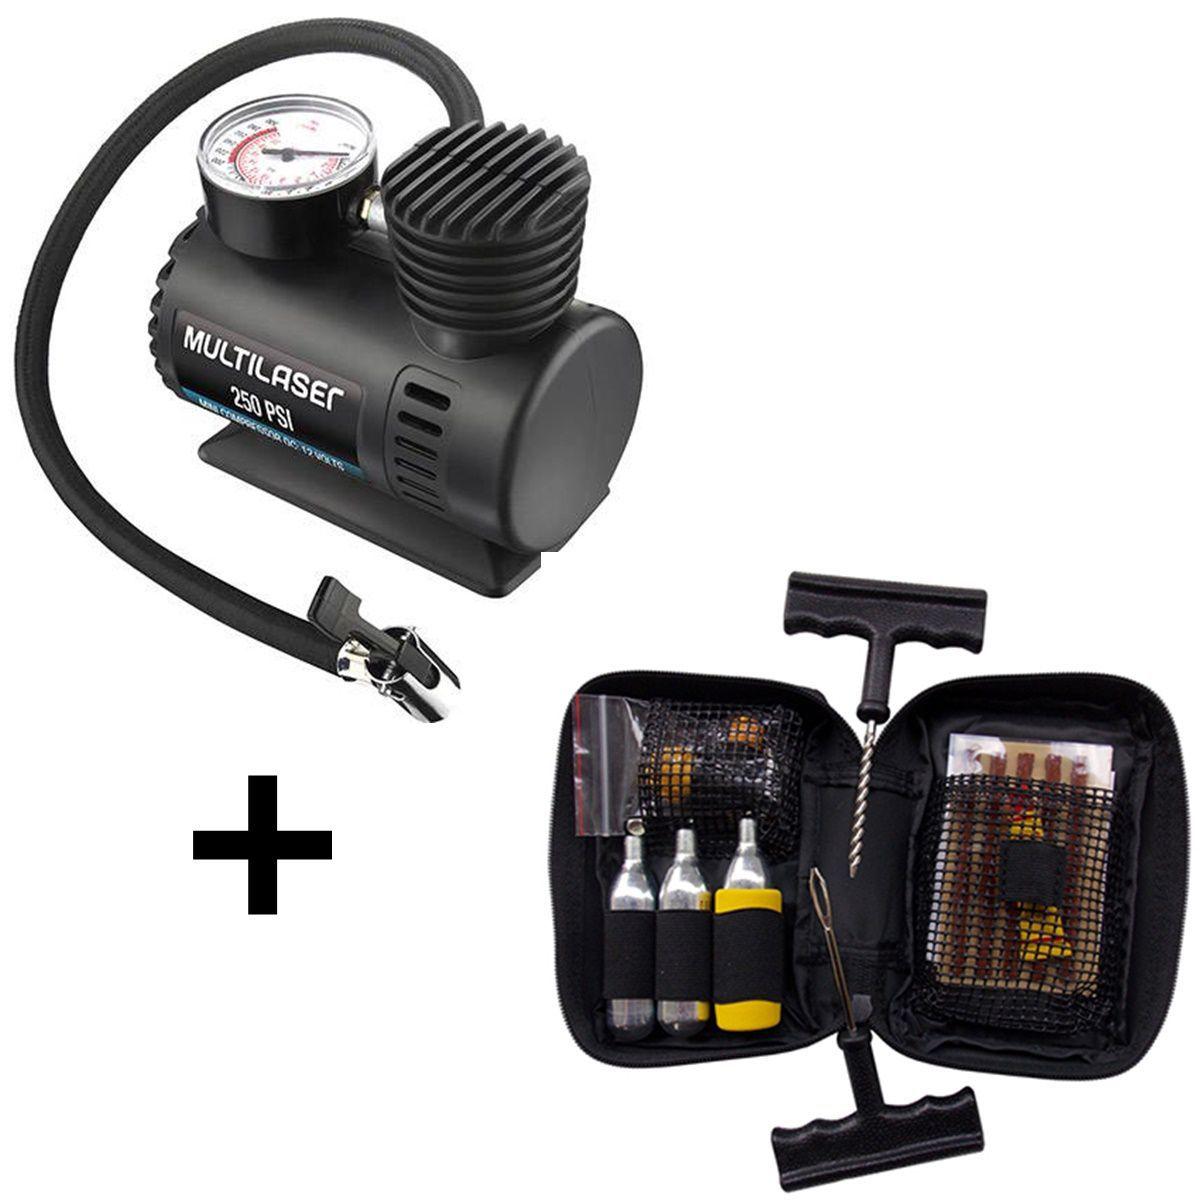 Kit Viagem Compressor Multilaser Com Kit Remendo Pneu Bering